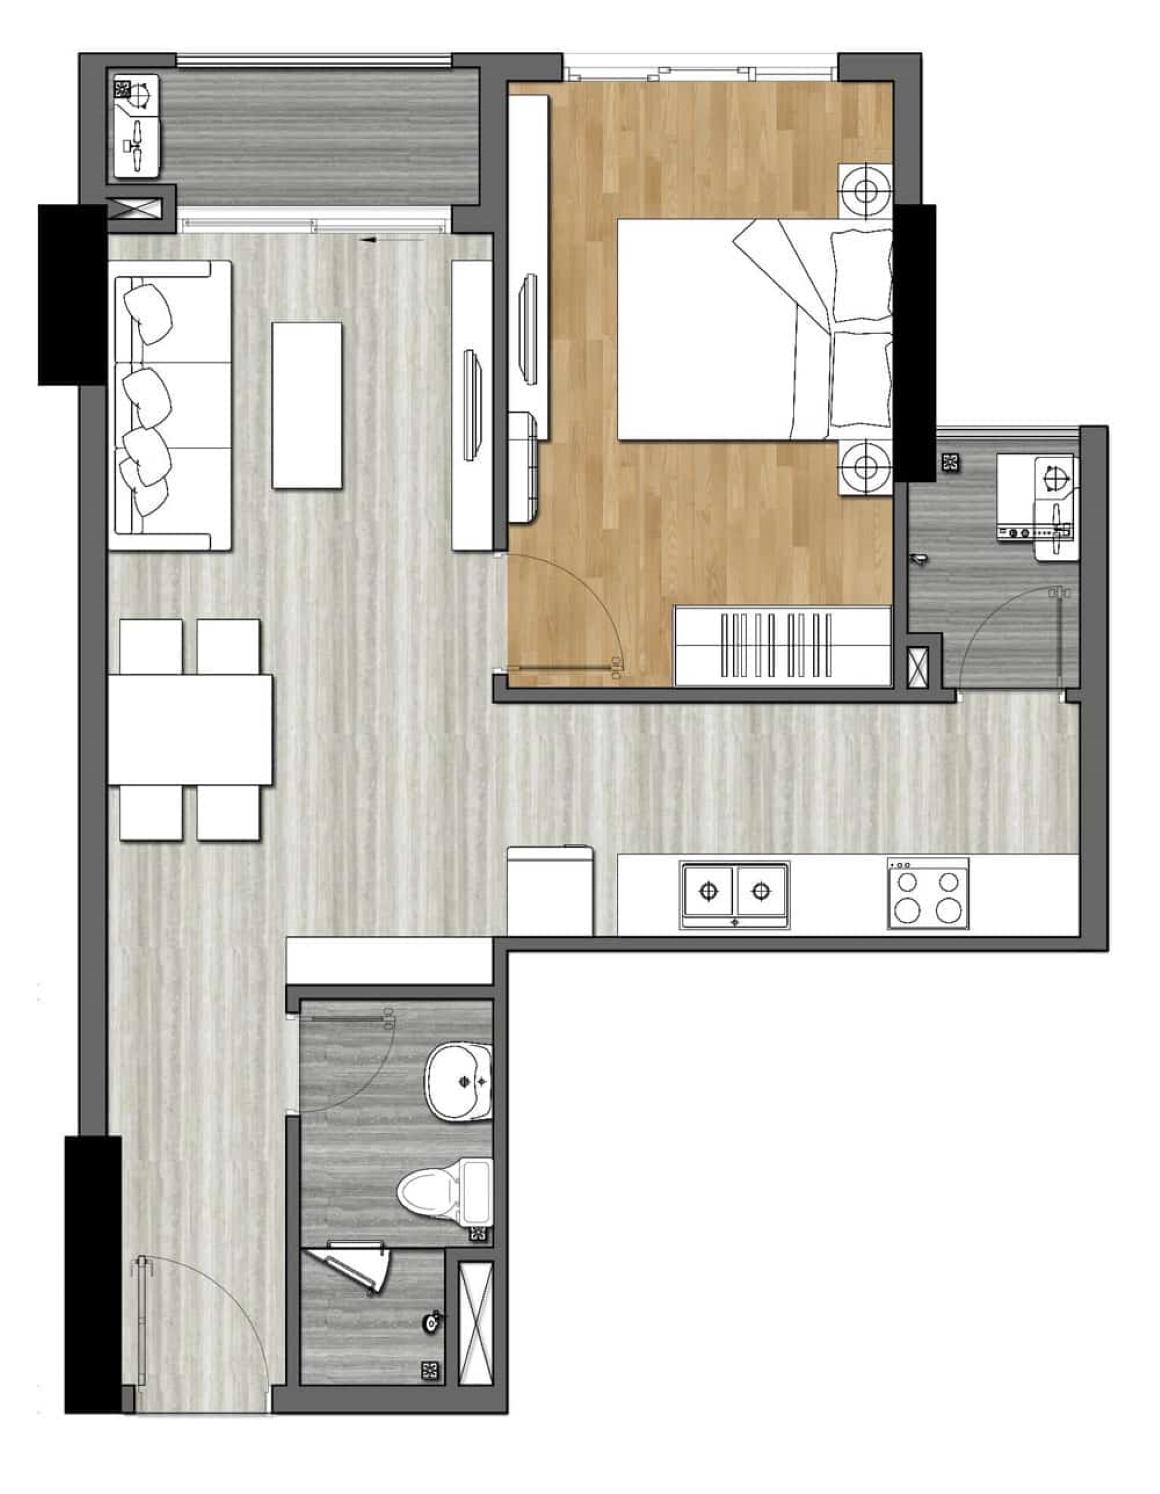 Thiết kế căn hộ 9X Next Gen - 1PN